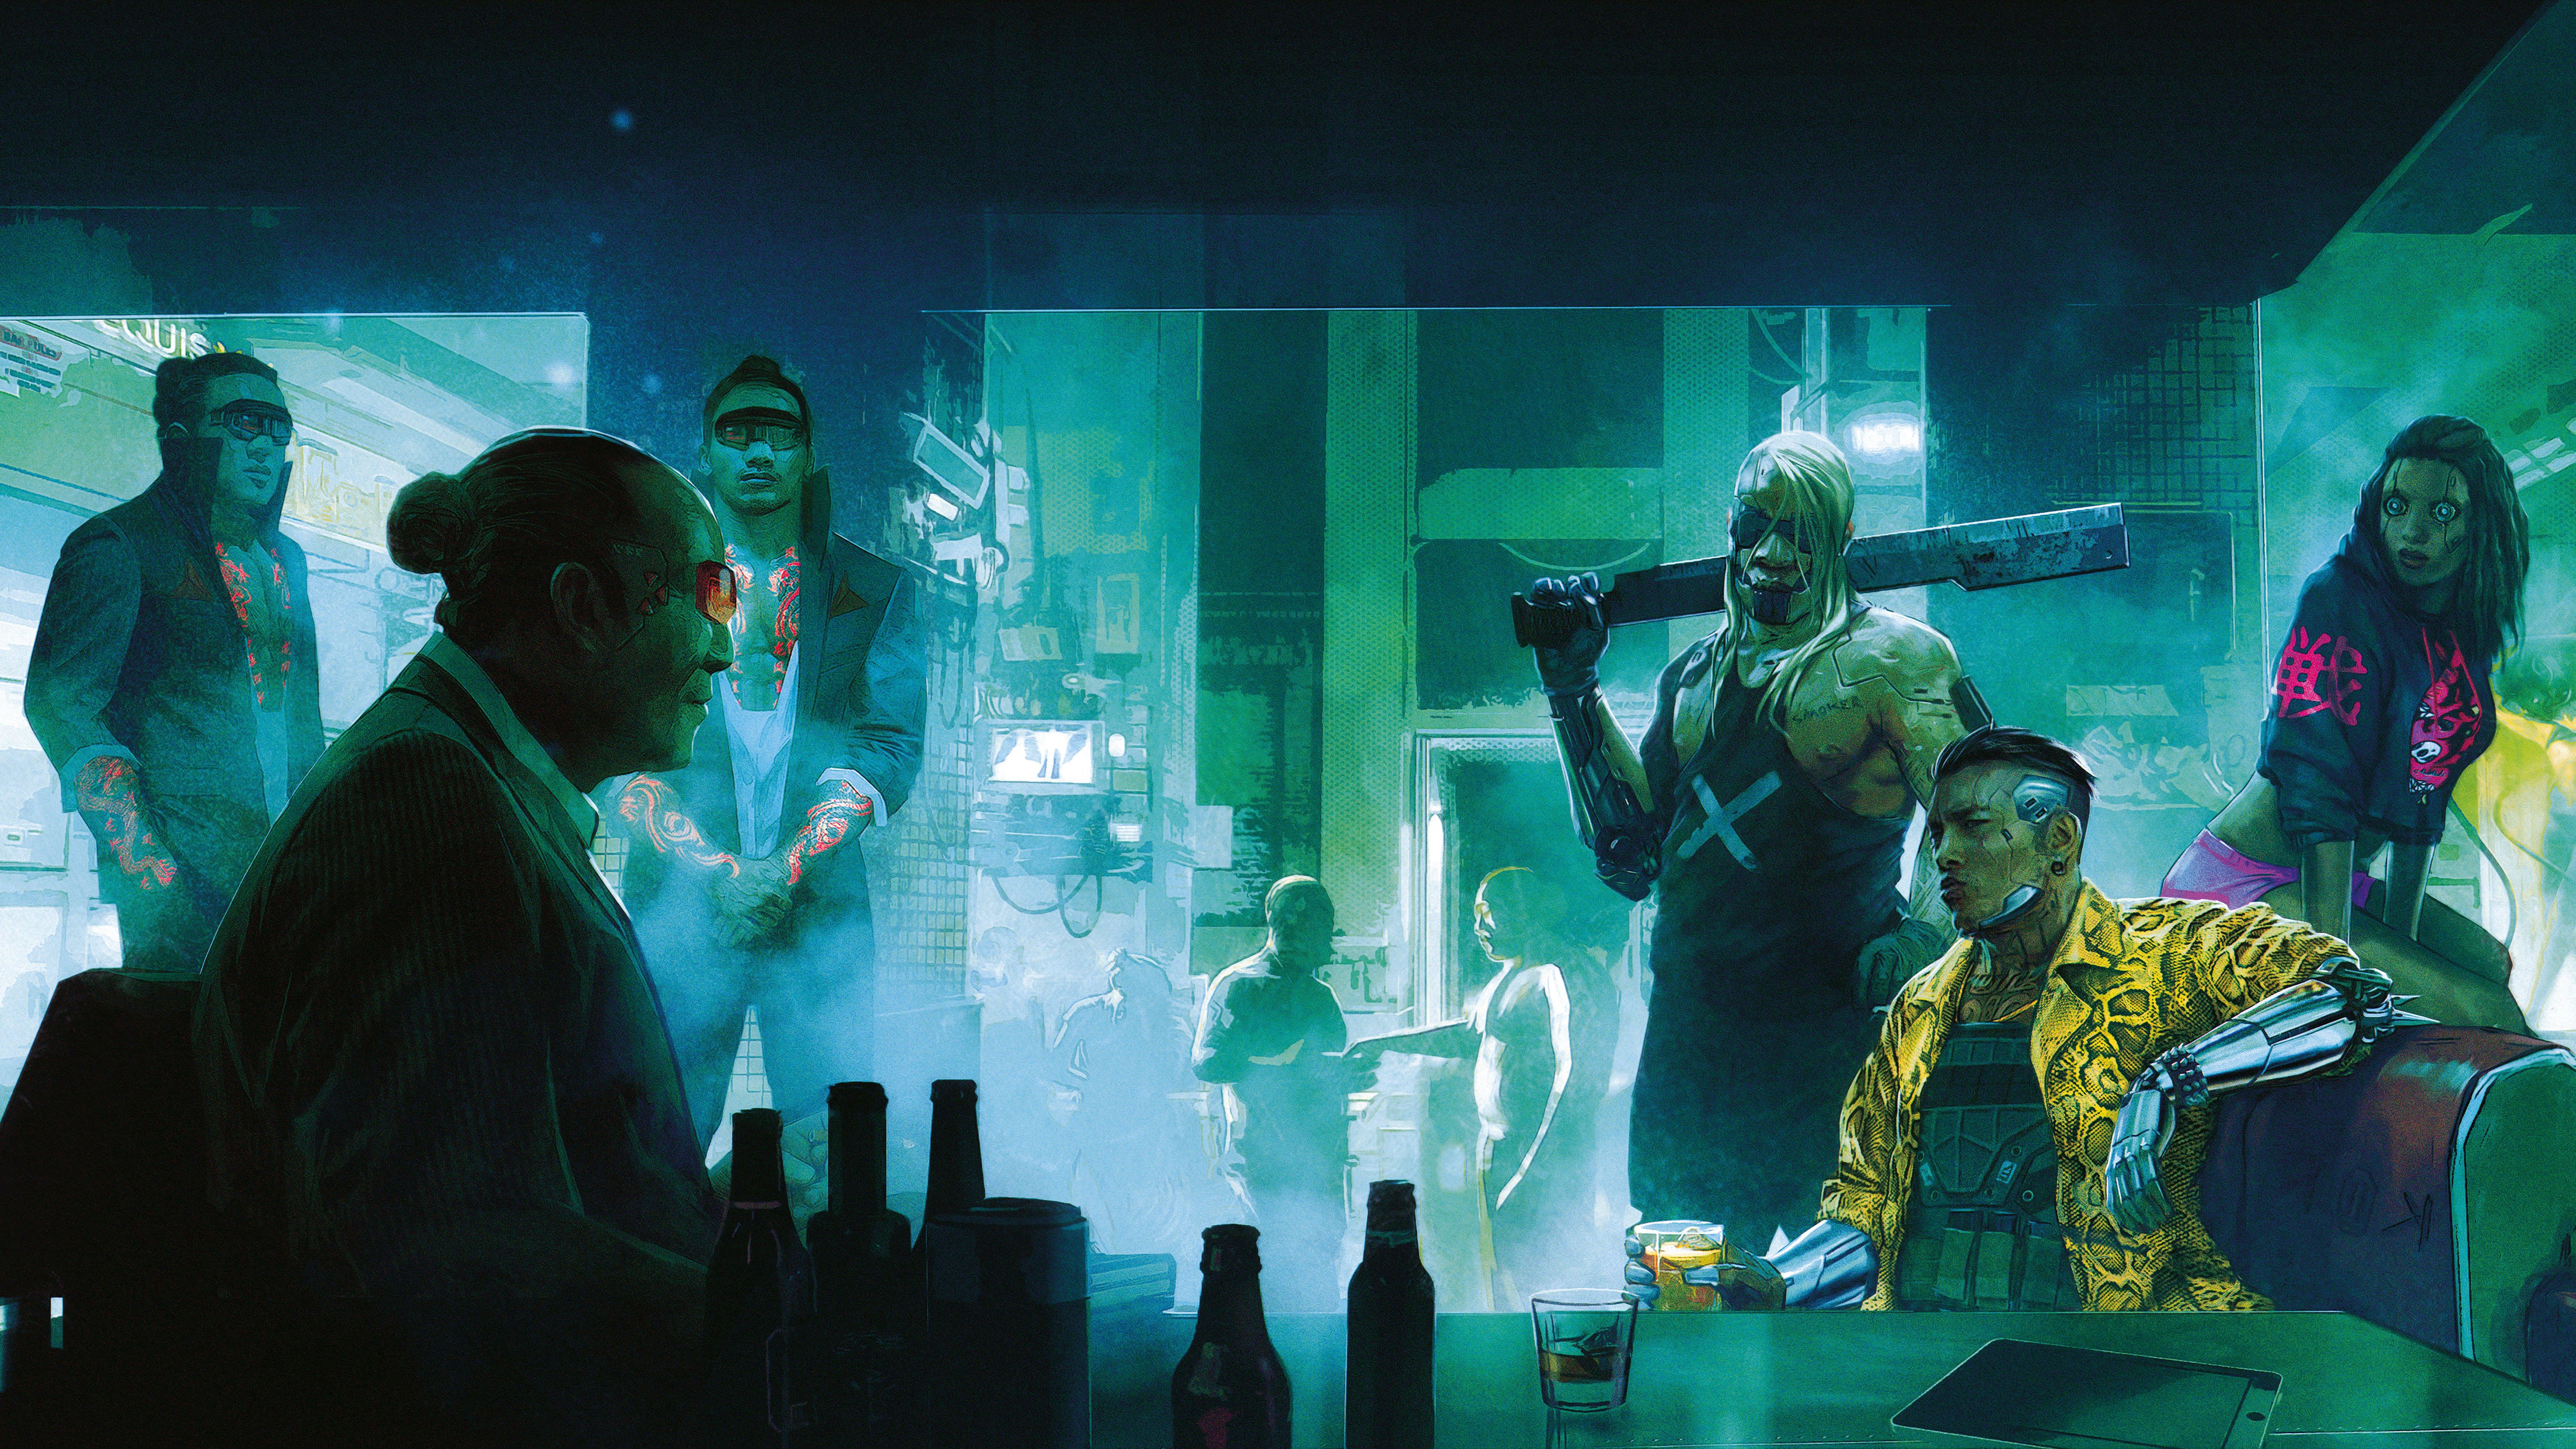 Cyberpunk 2077 - Cyberpunk 2077 8K, Арт